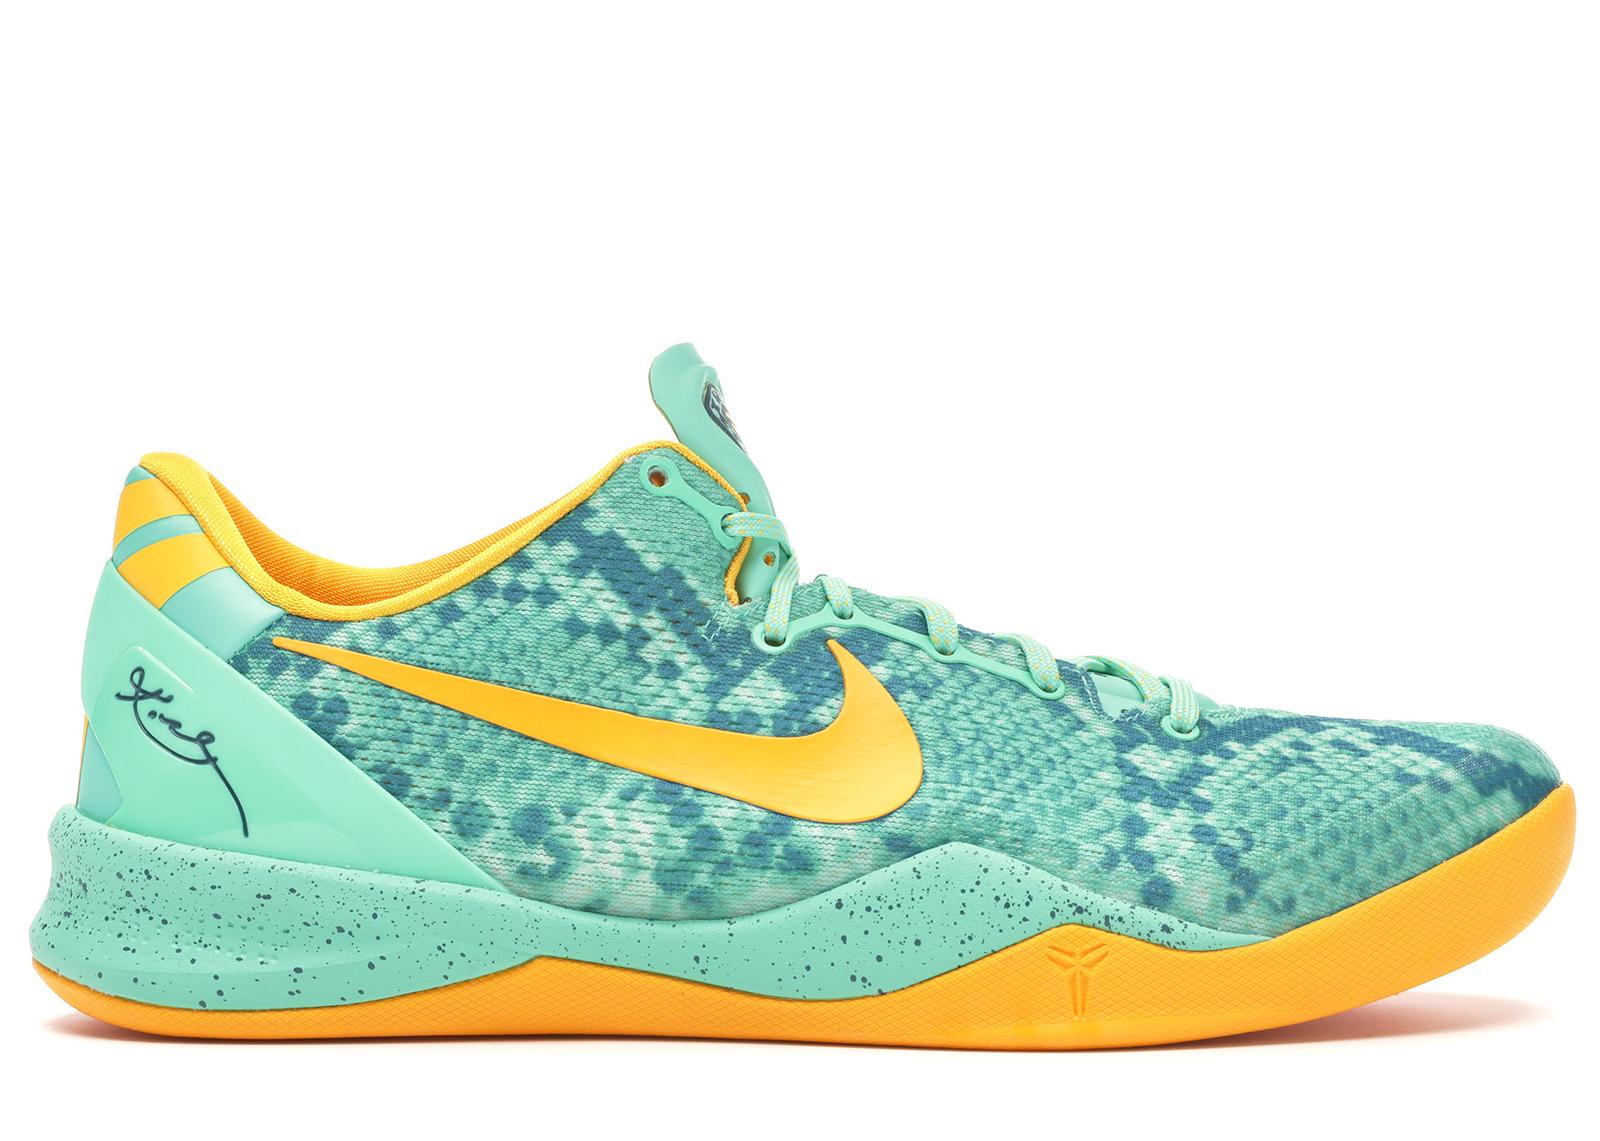 Nike Kobe 8 System Green Glow Laser